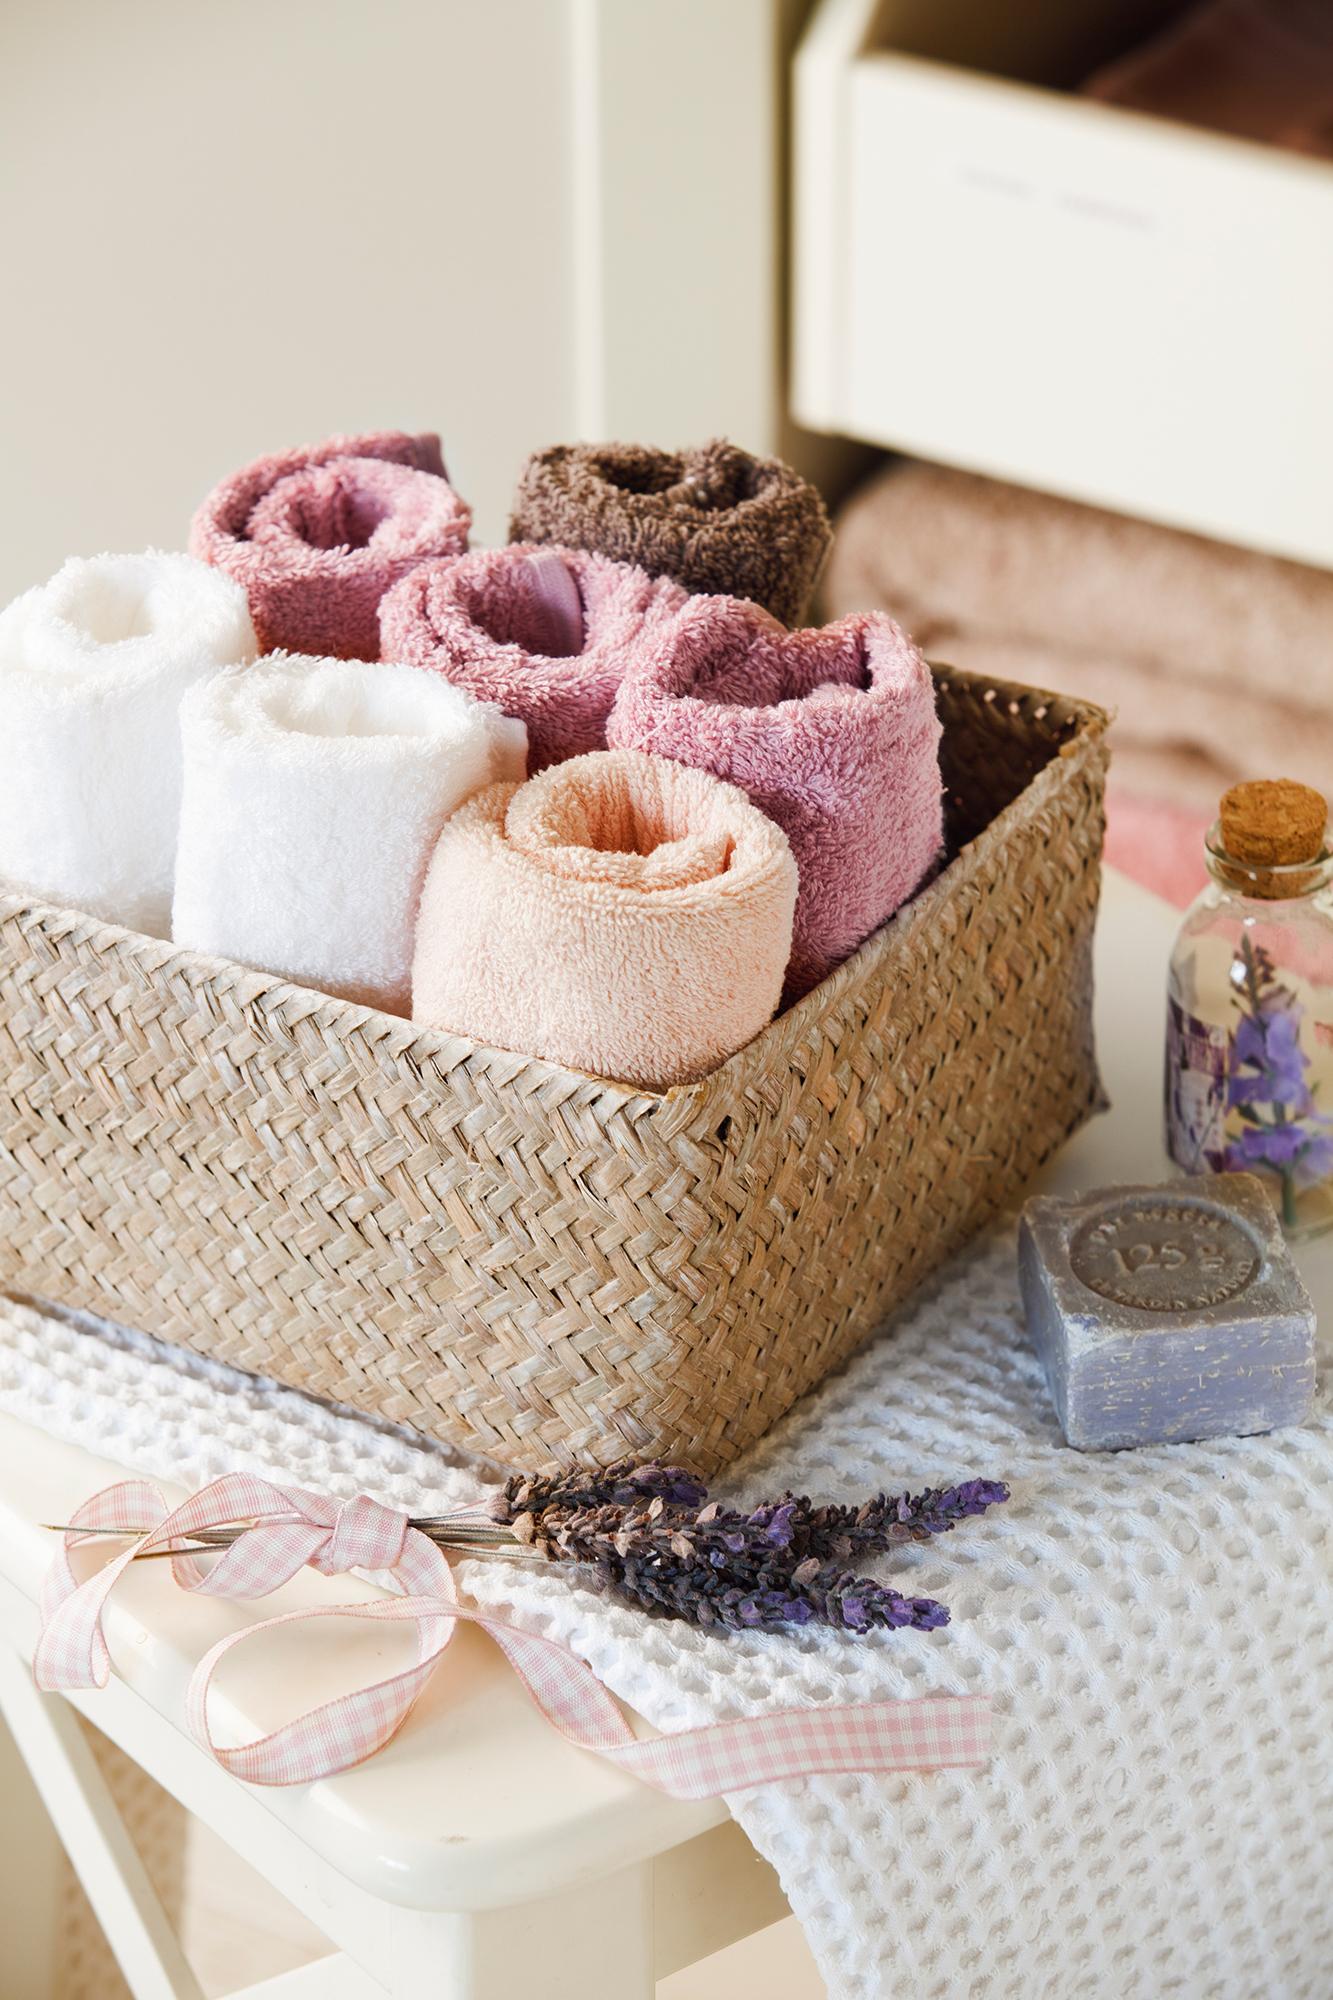 Detalle de toallas de baño de colores dobladas_ 00404255